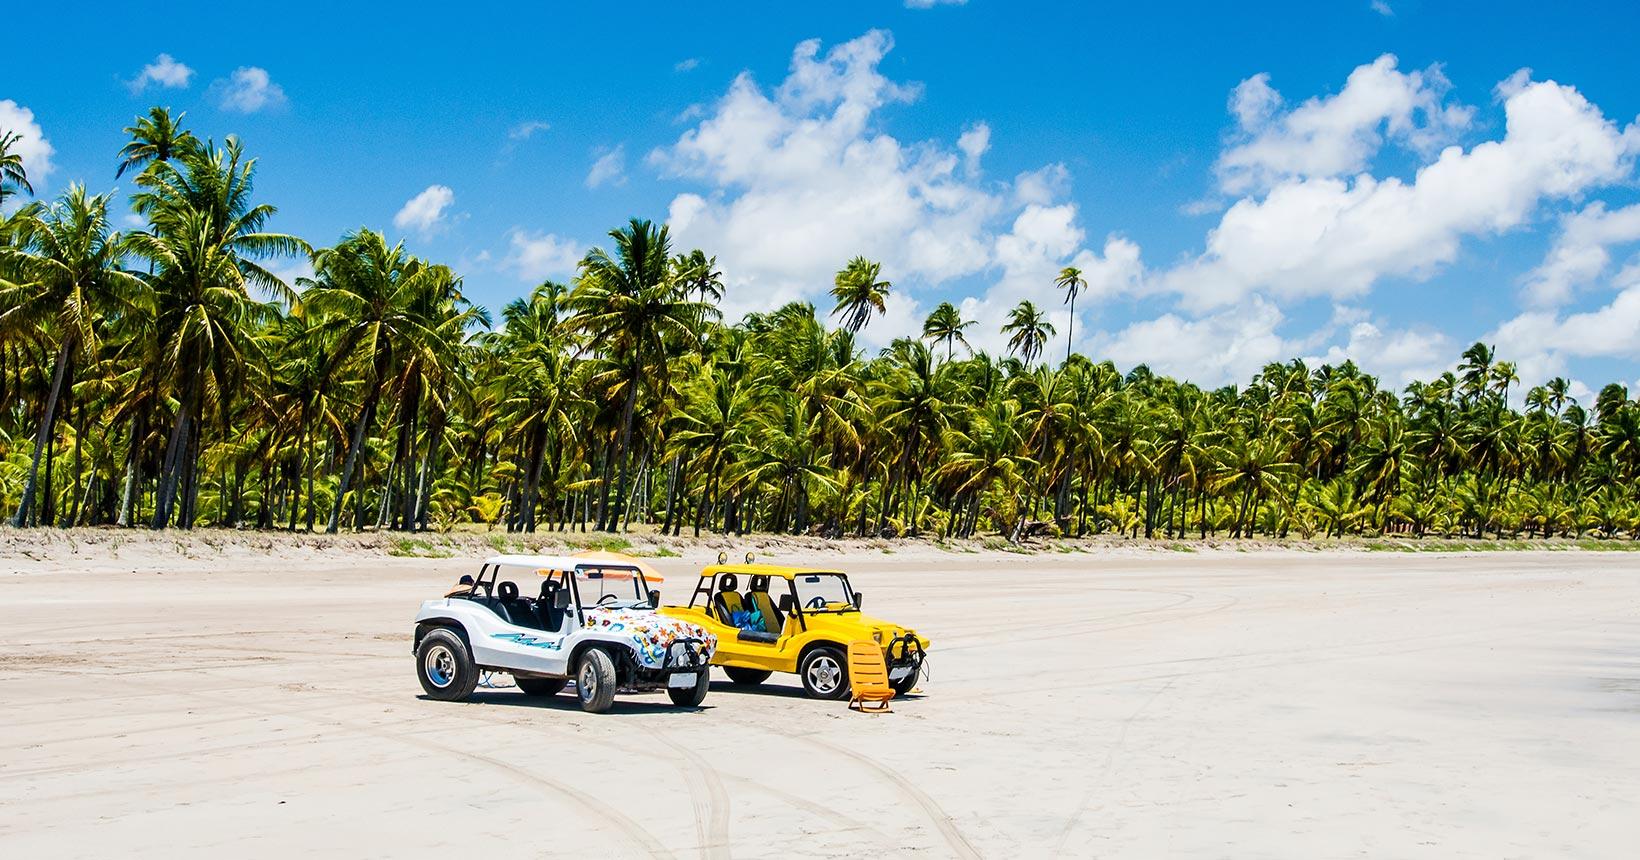 O que fazer em Maragogi: praias, pousadas e belezas do Caribe brasileiro!